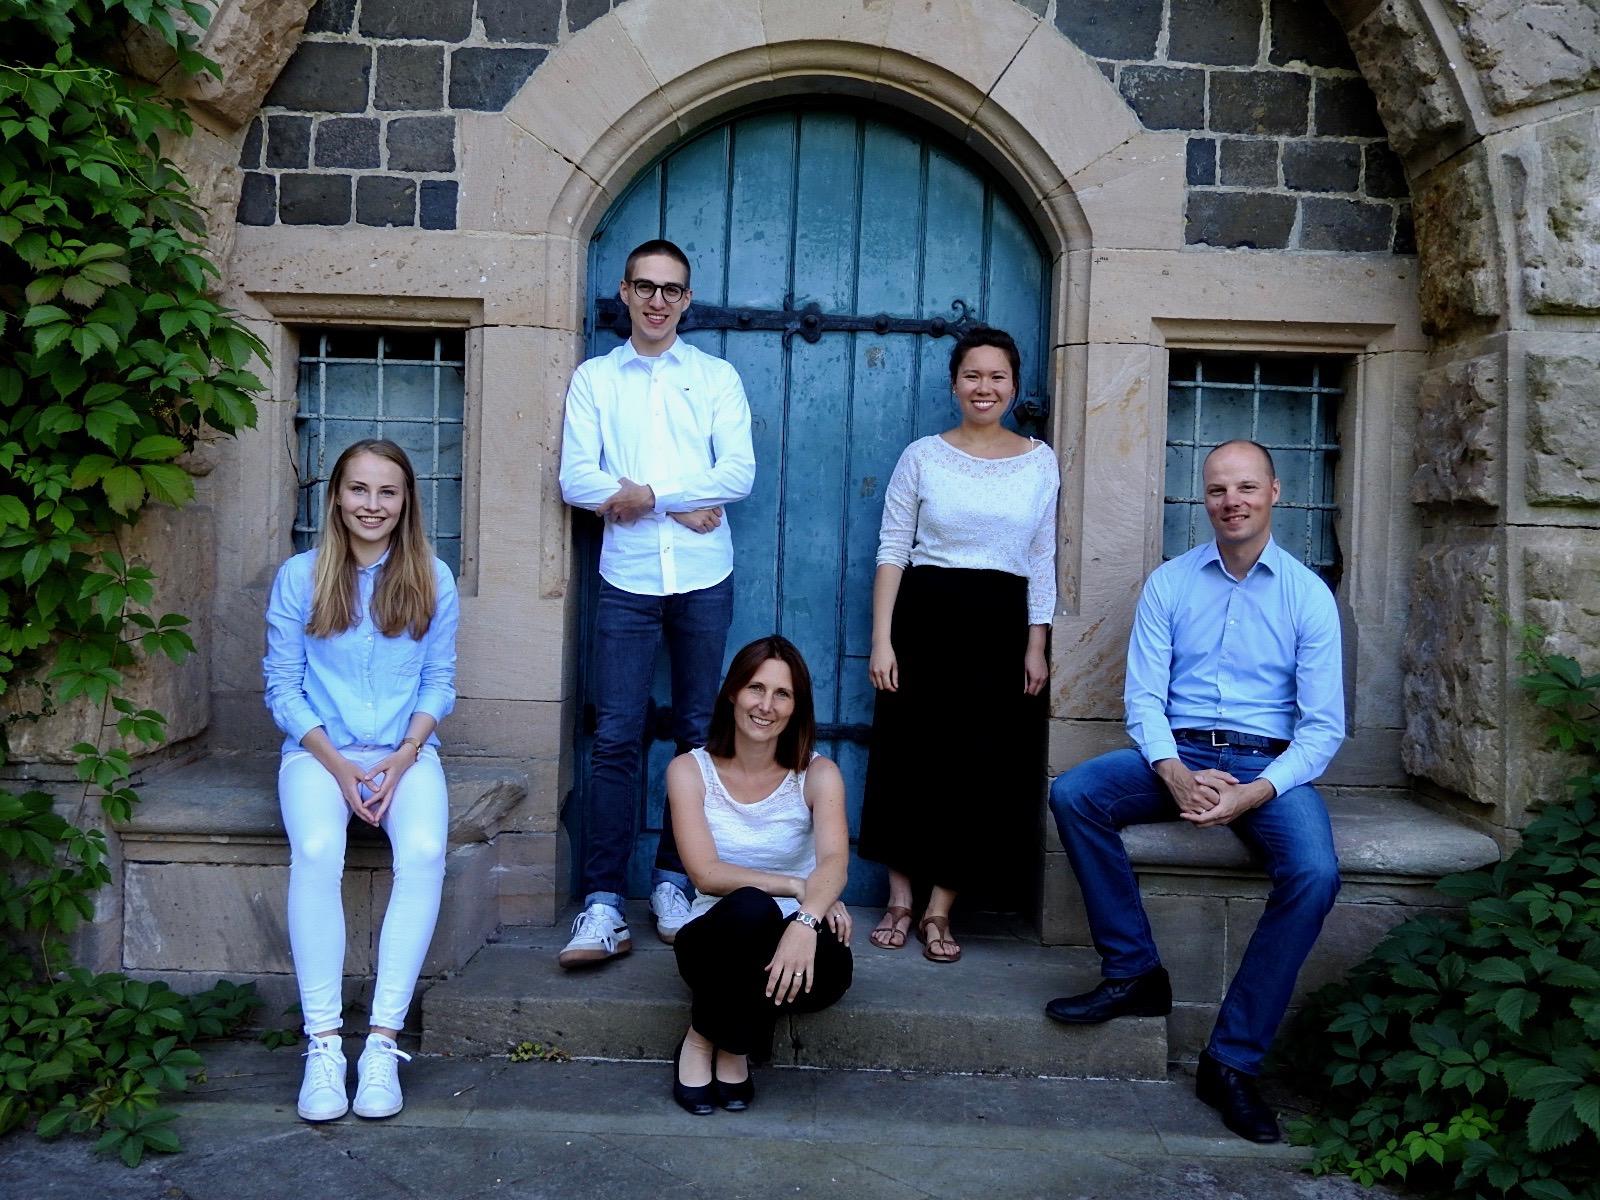 Das sind wir – von links nach rechts: Sarah Hennings, Leon Kümmel, Susanne Trobitius, Kim Arnold und Andreas Trobitius